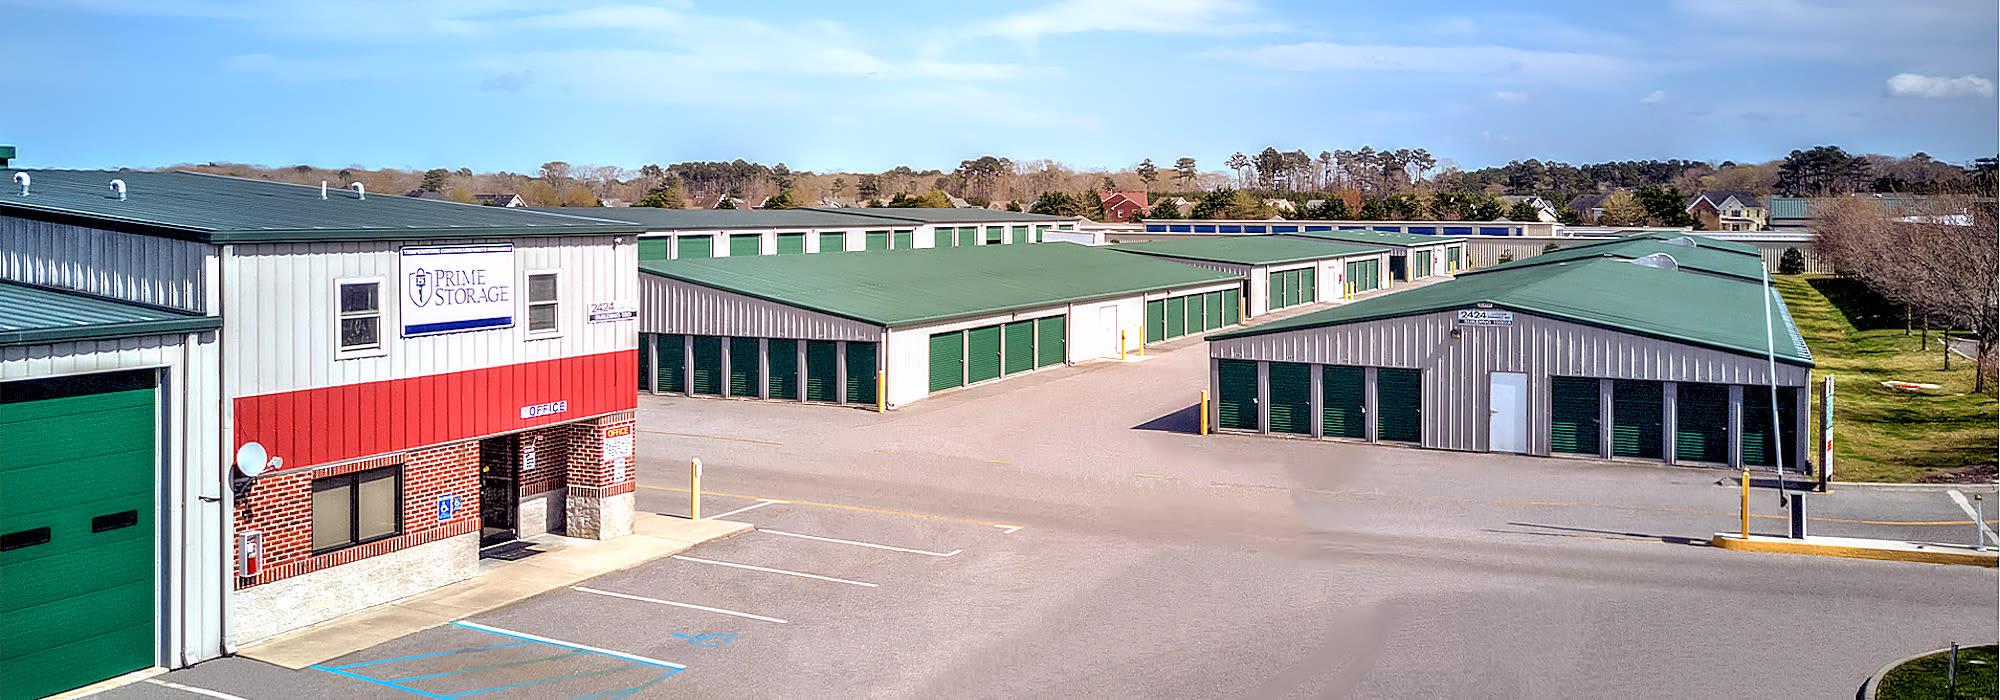 Prime Storage In Virginia Beach, VA